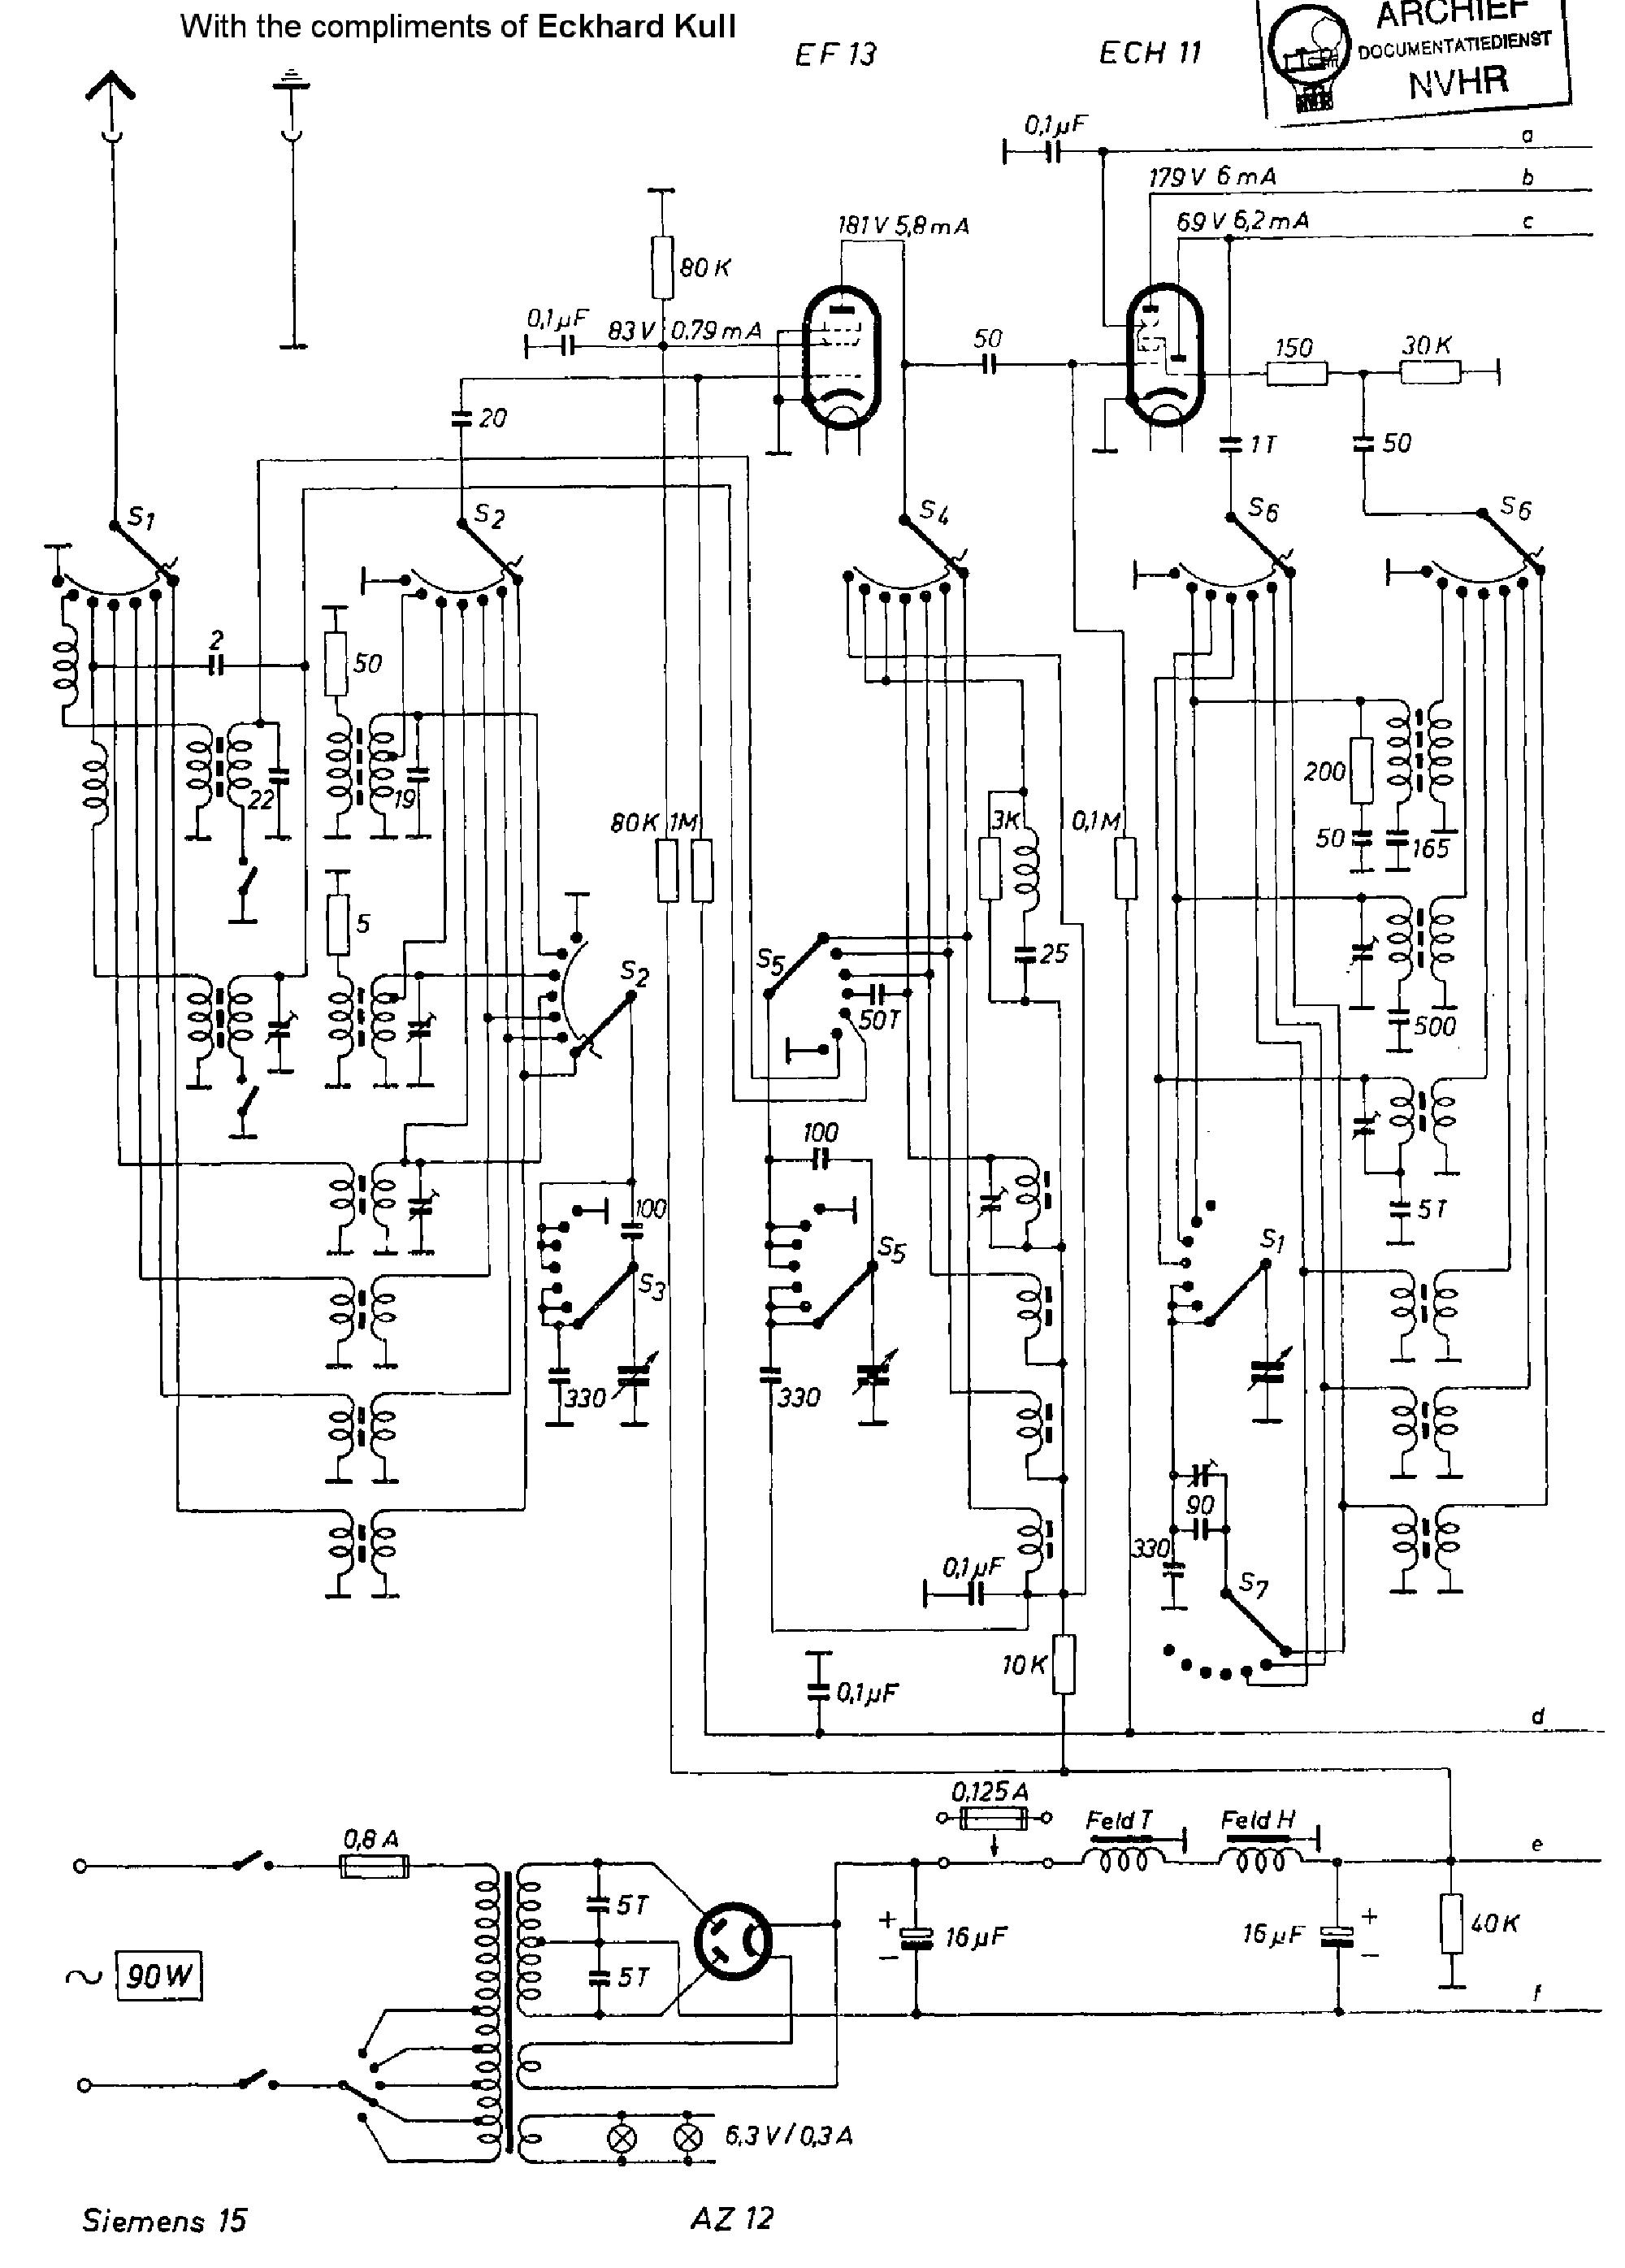 SIEMENS RB30 AM-FM RECEIVER 1962 SCH Service Manual